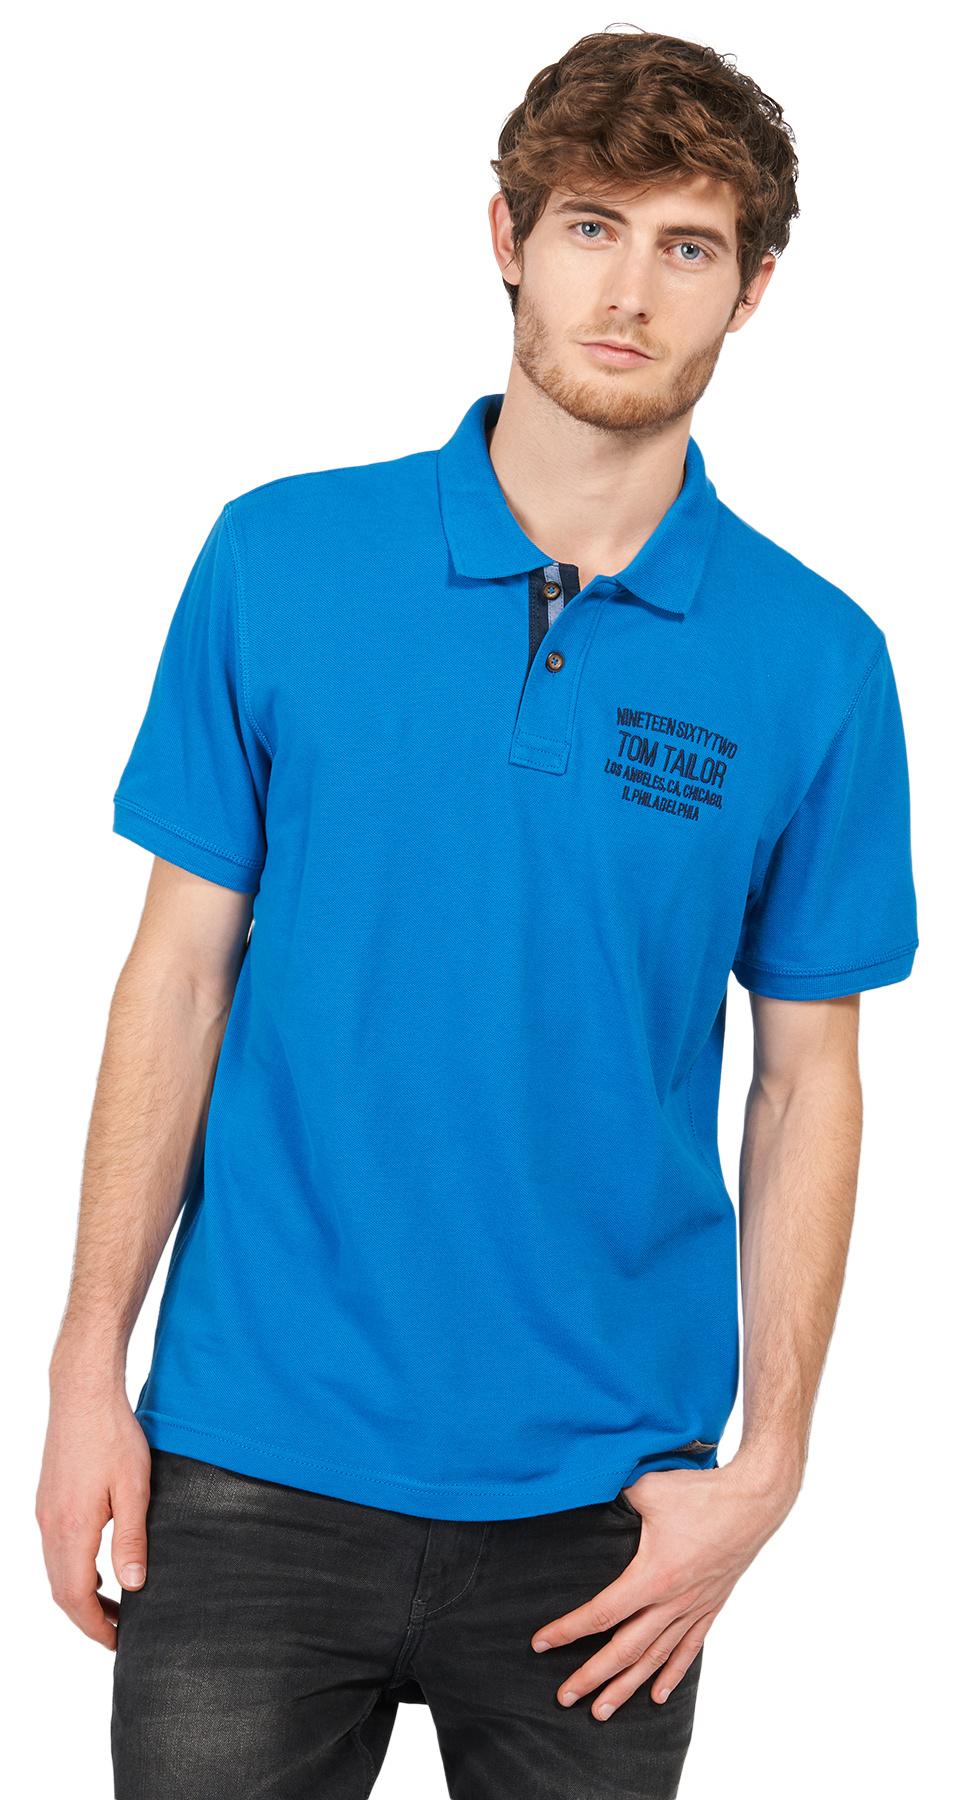 Tom Tailor pánské polo s logem 15310930010/6166 Modrá XL